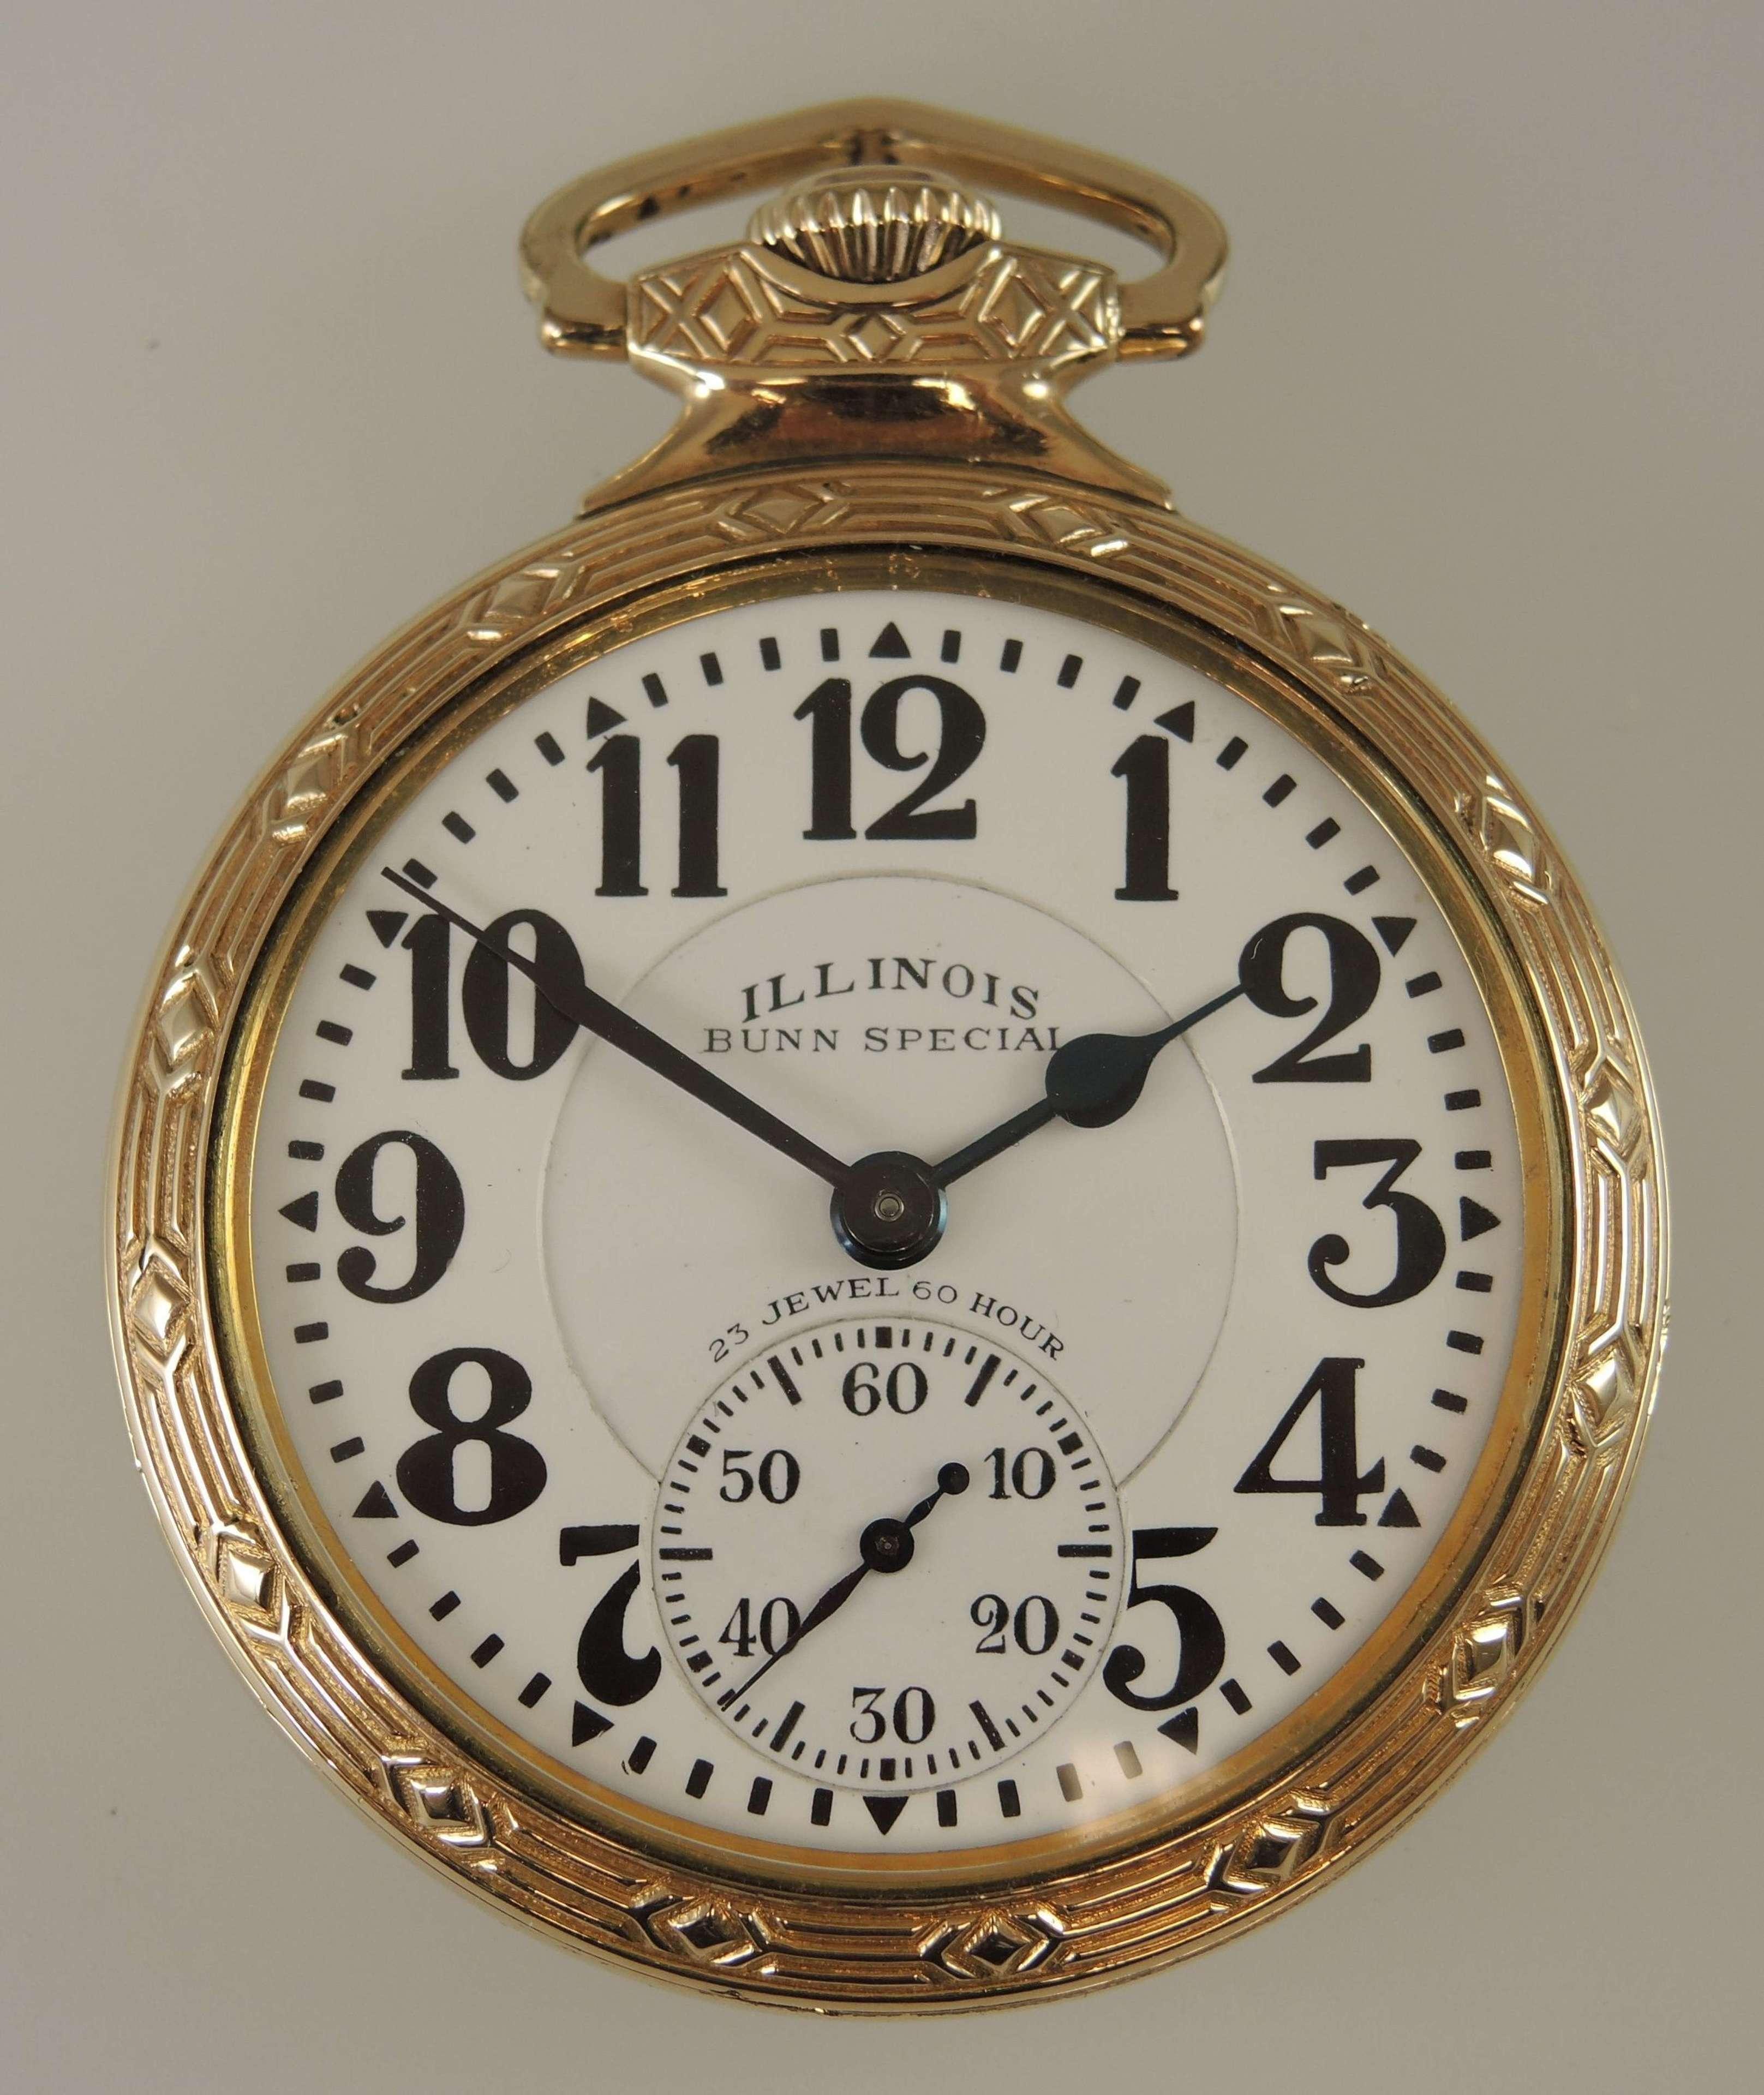 16s 23 Jewel 60 Hour Illinois Bunn Special pocket watch  c1930